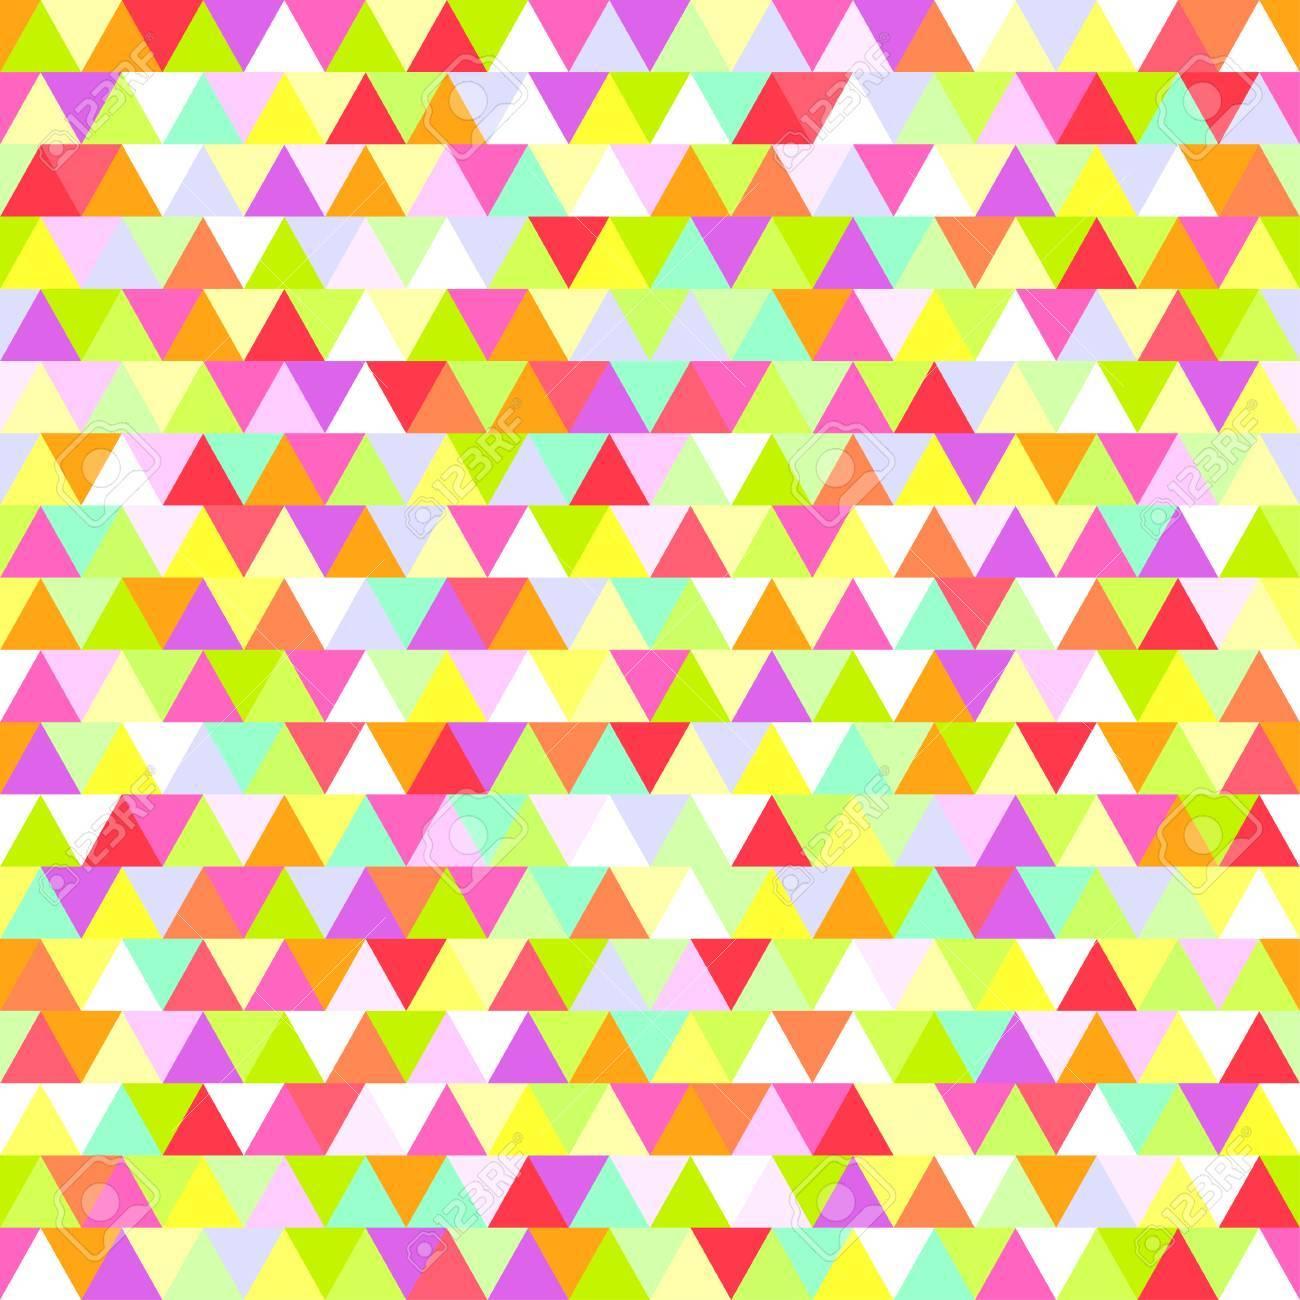 シームレスな三角形のパターン 表面の抽象的な幾何学的な壁紙